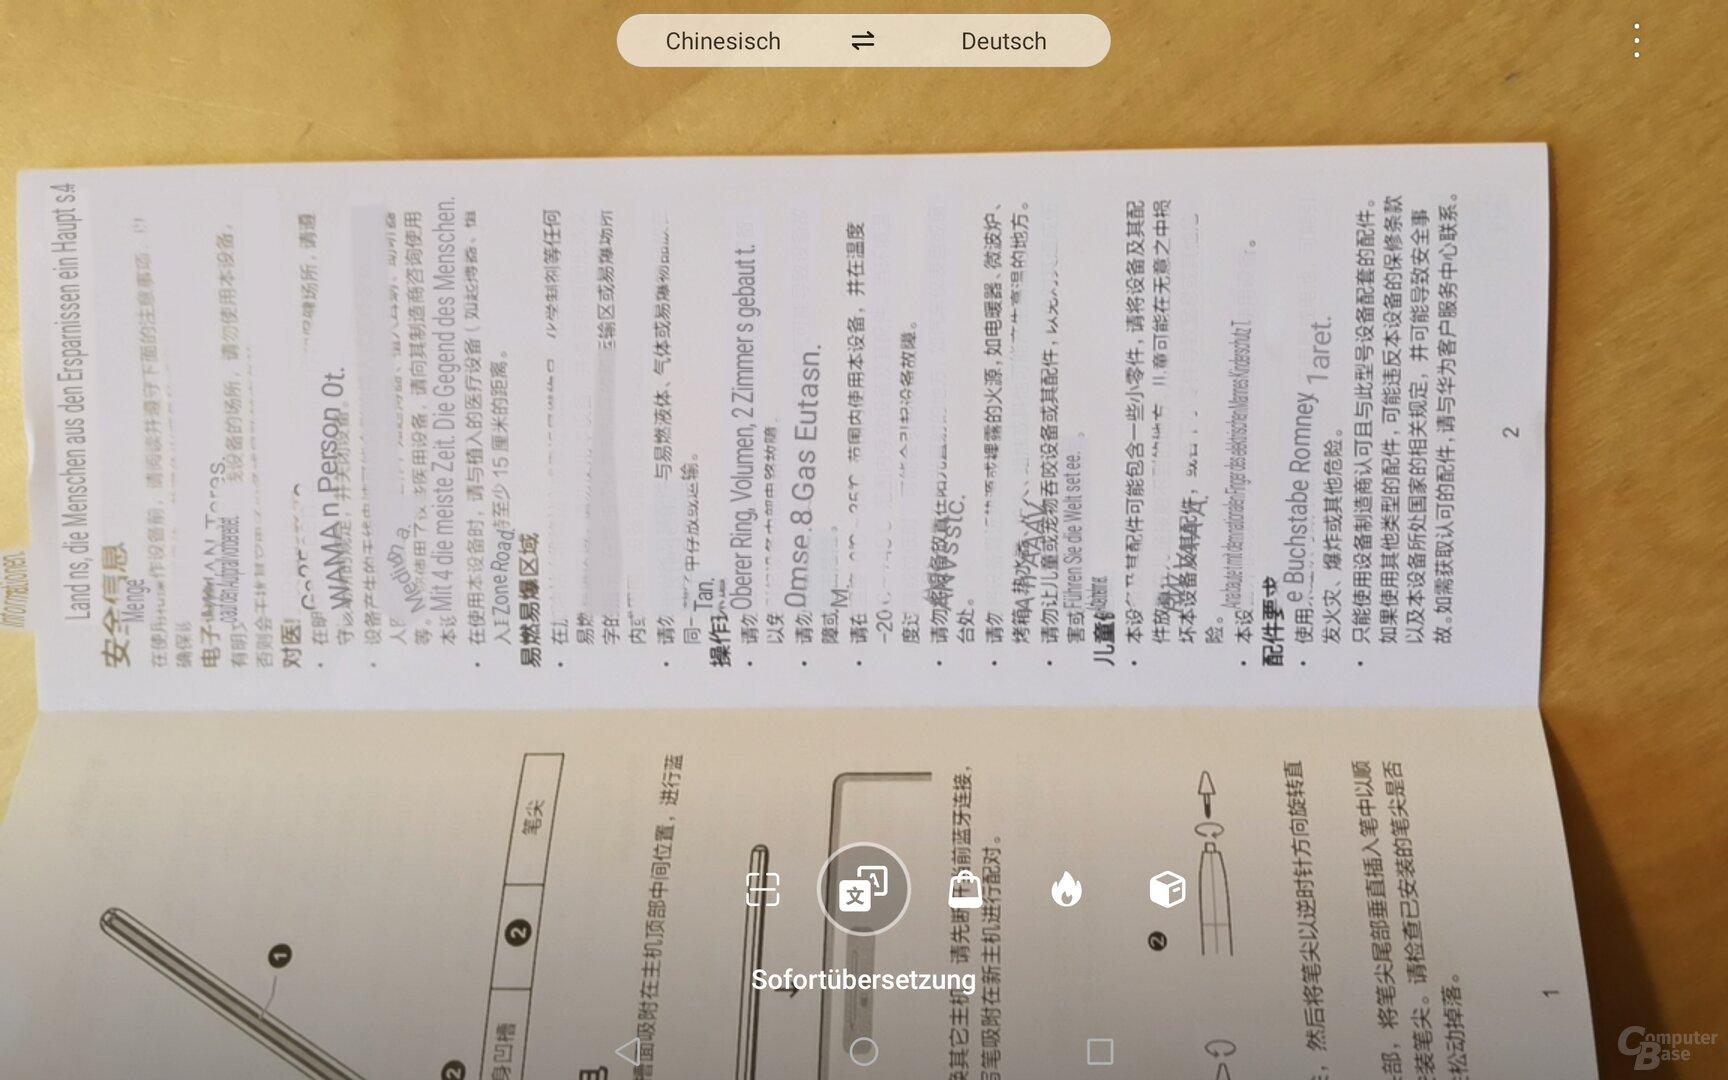 Die Sofortübersetzung scheitert bereits am Beipackzettel